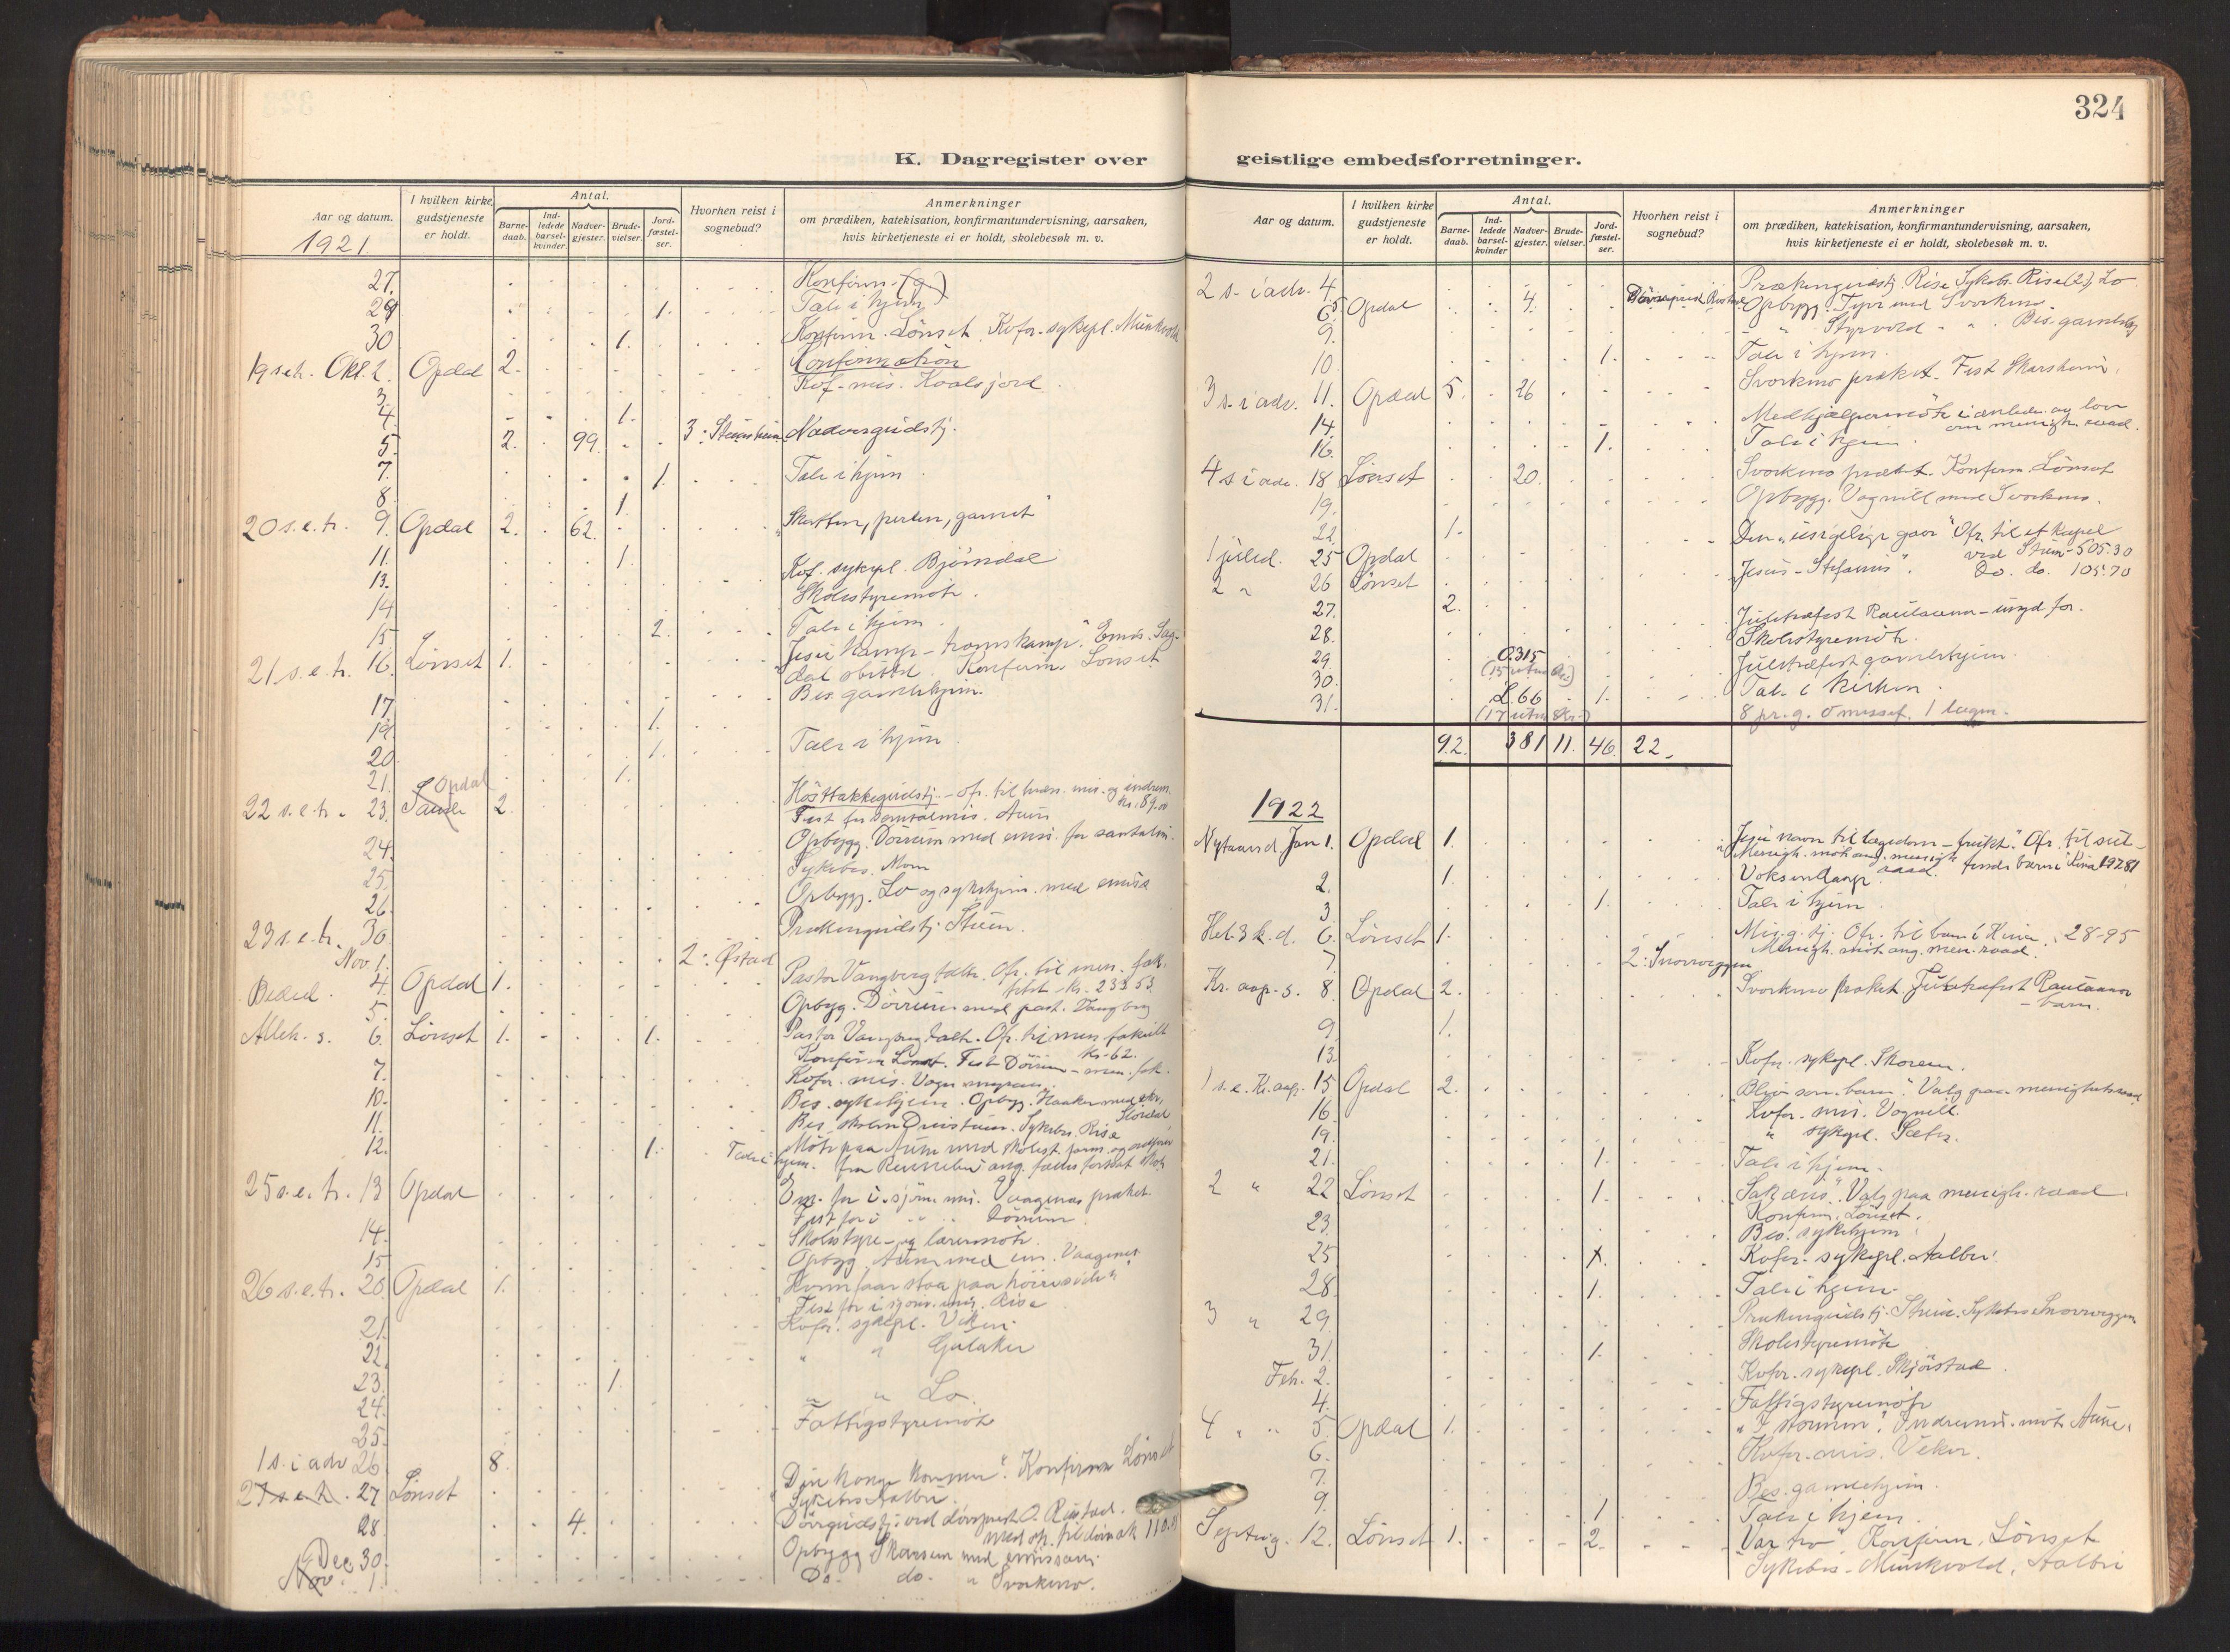 SAT, Ministerialprotokoller, klokkerbøker og fødselsregistre - Sør-Trøndelag, 678/L0909: Ministerialbok nr. 678A17, 1912-1930, s. 324